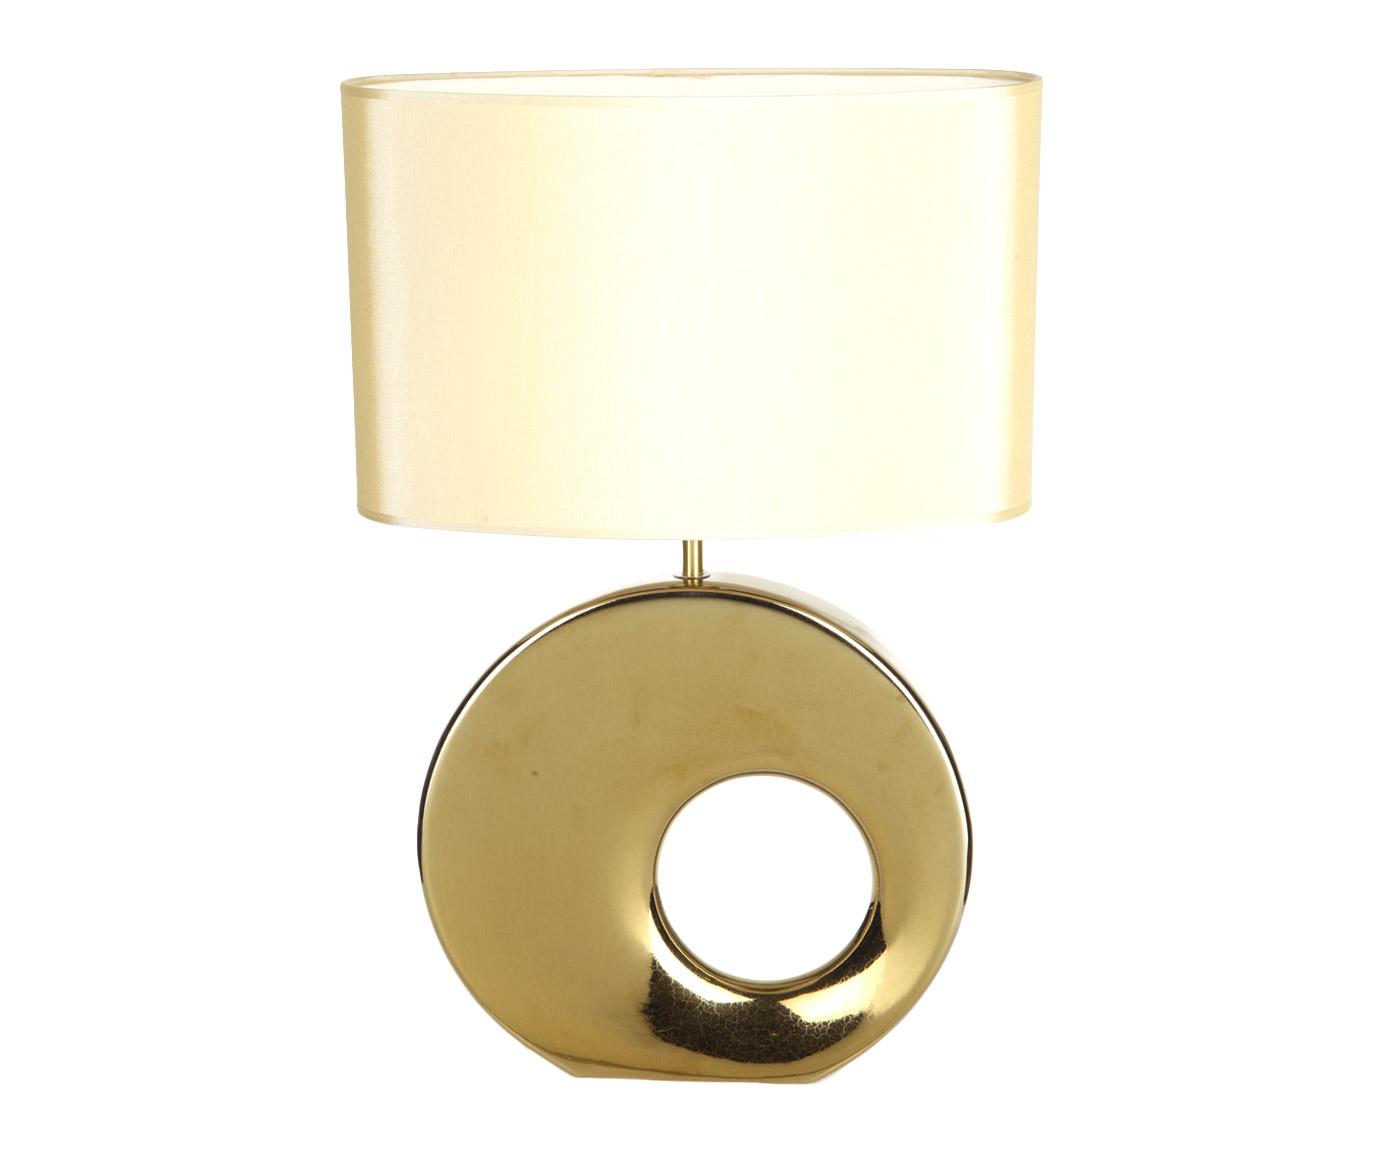 Настольная  лампаДекоративные лампы<br>Светильник настольный с оригинальным основанием, выполненным из керамики, станет не только эффективным источником дополнительного света, но стильным дизайнерским аксессуаром.&amp;lt;div&amp;gt;&amp;lt;br&amp;gt;&amp;lt;/div&amp;gt;&amp;lt;div&amp;gt;&amp;lt;div&amp;gt;Вид цоколя: E27&amp;lt;/div&amp;gt;&amp;lt;div&amp;gt;Мощность: 60W&amp;lt;/div&amp;gt;&amp;lt;div&amp;gt;Количество ламп: 1&amp;lt;/div&amp;gt;&amp;lt;/div&amp;gt;<br><br>Material: Керамика<br>Height см: 60<br>Diameter см: 40